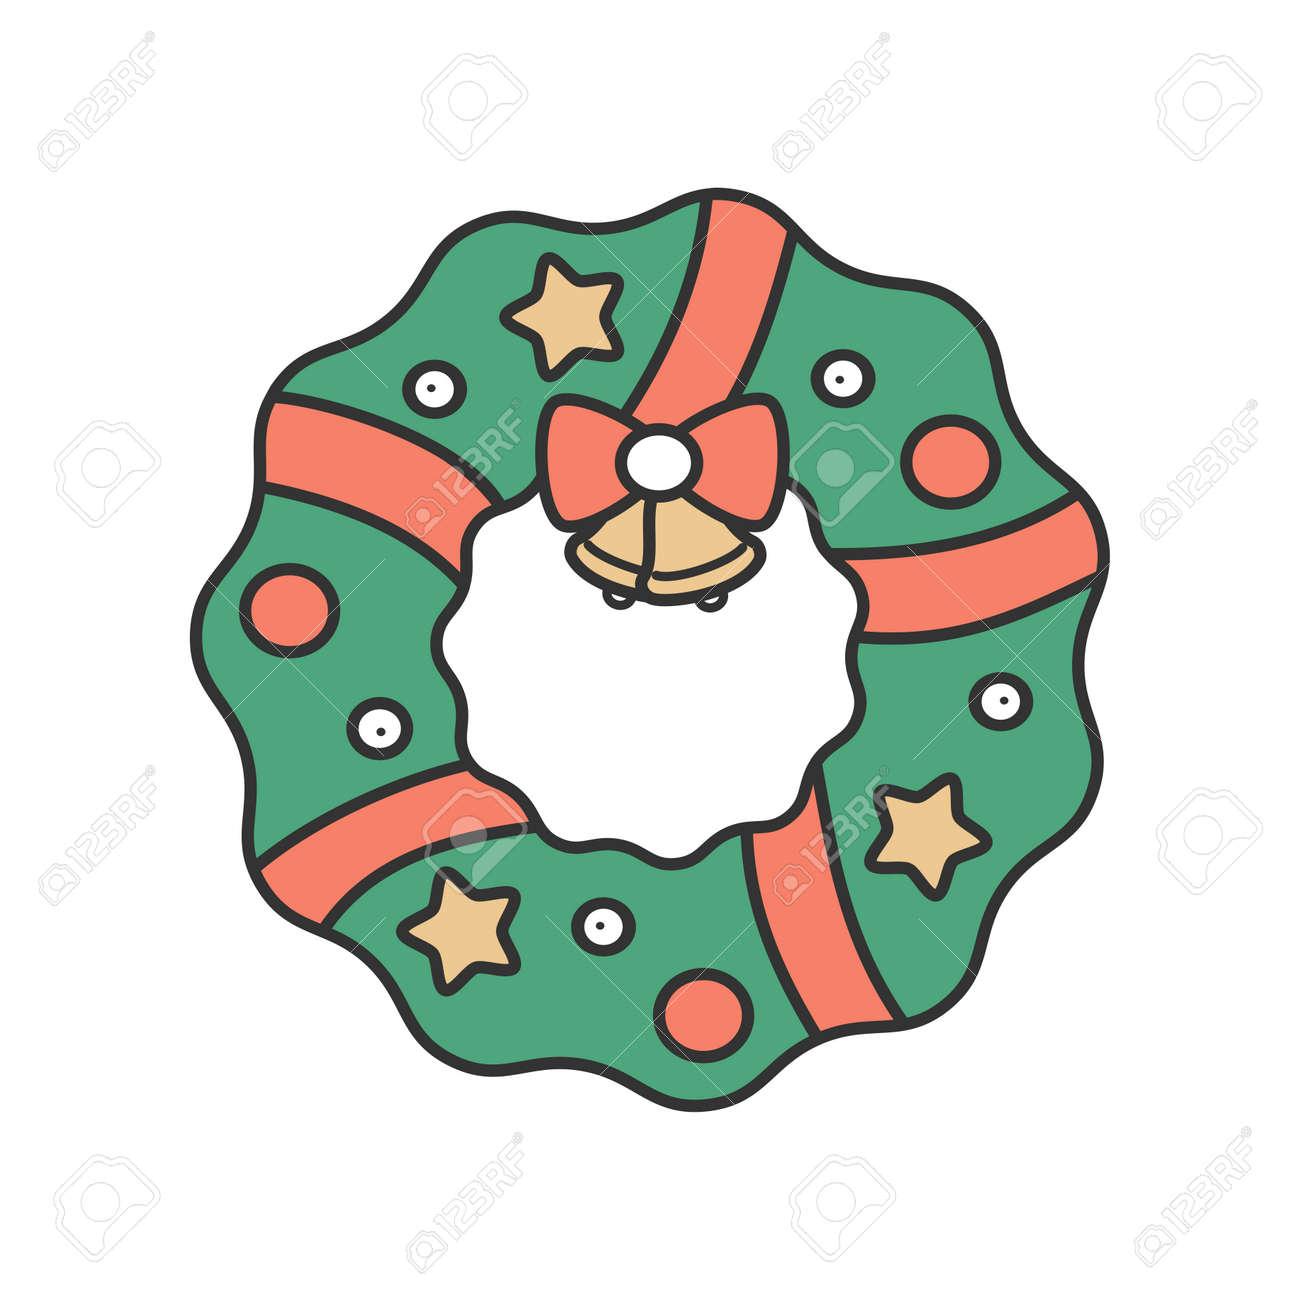 Cute Cartoon Christmas Wreath Vector Illustration Isolated On